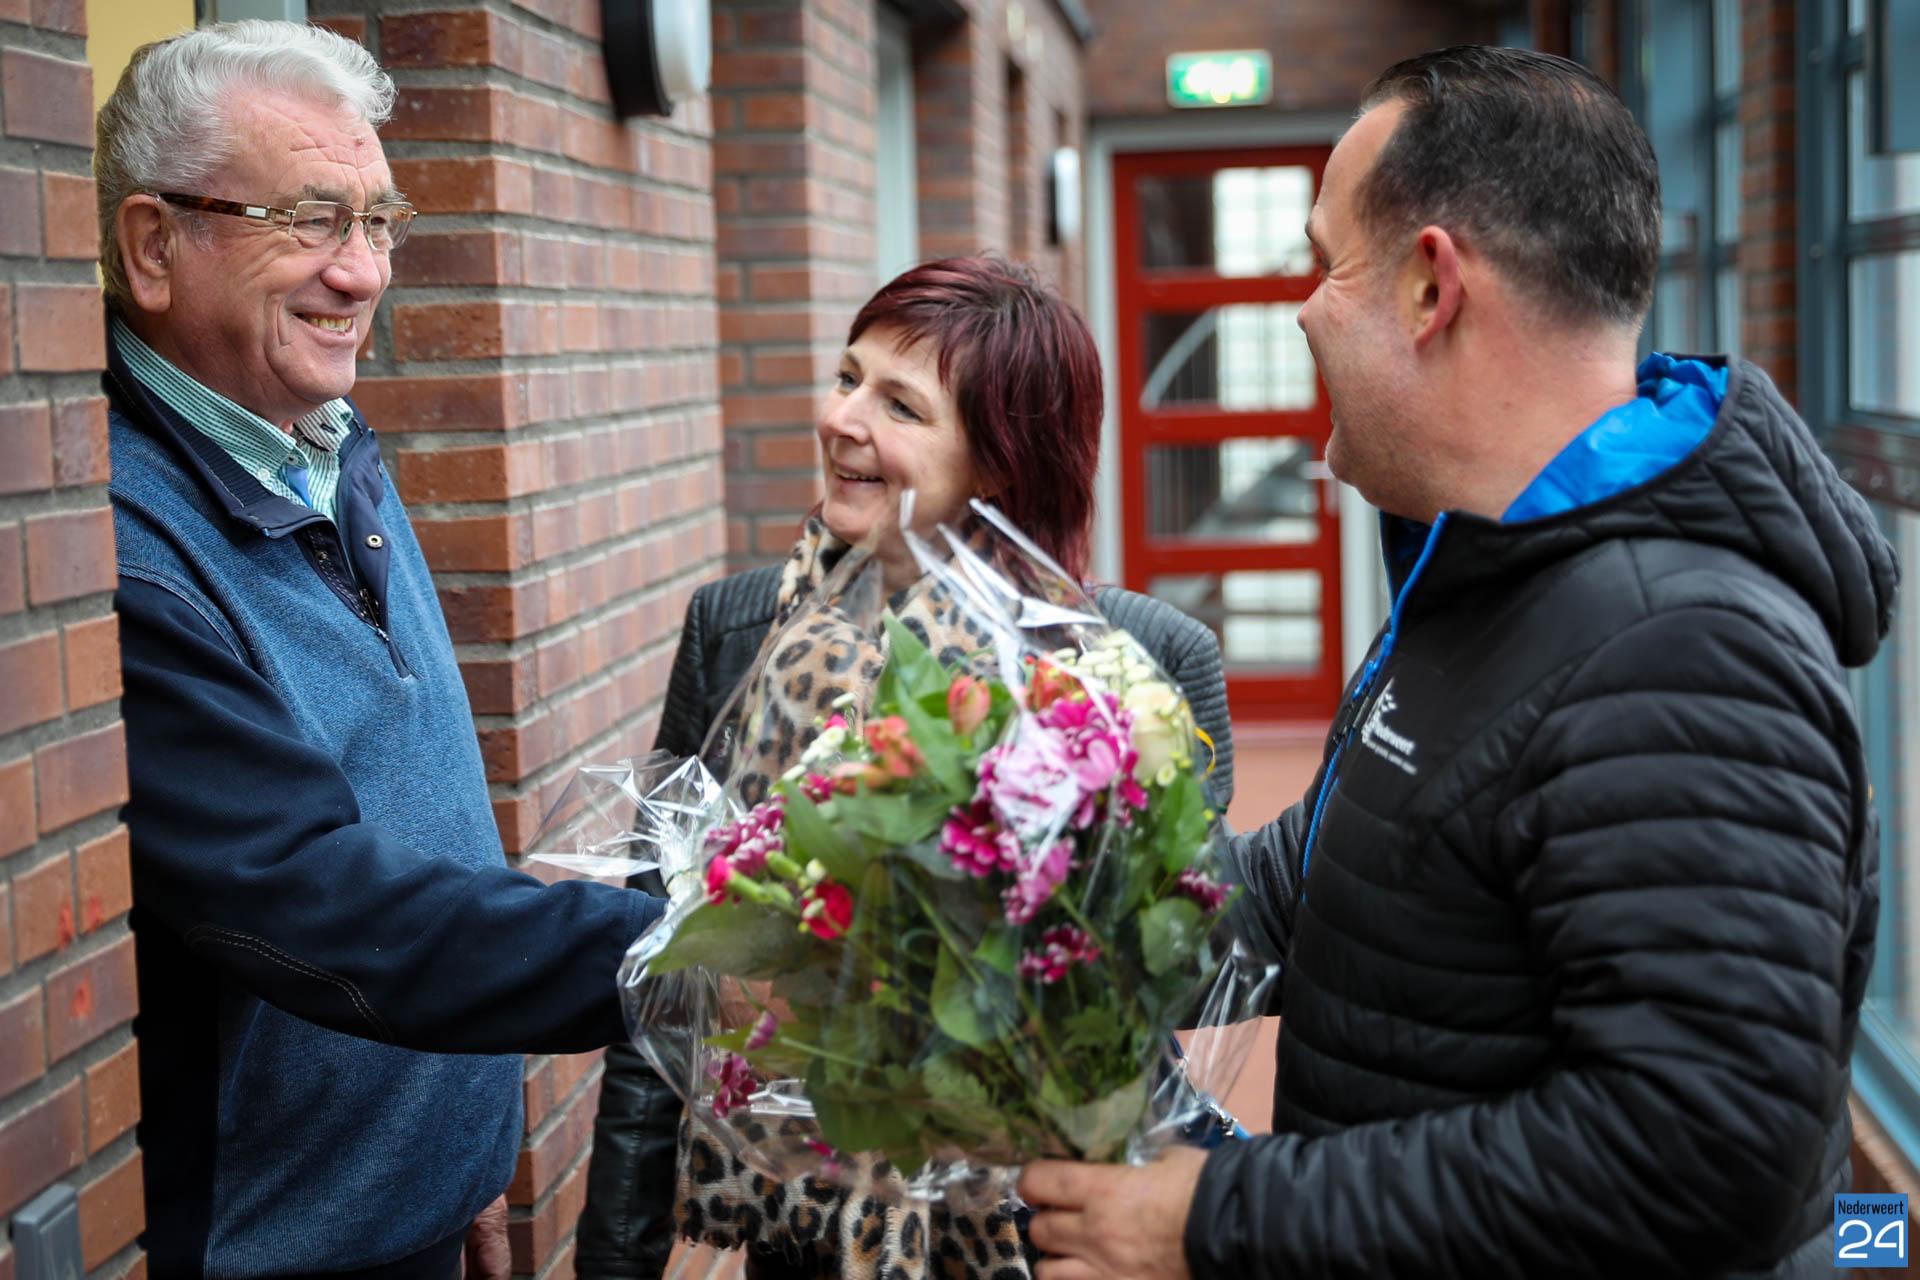 Bloemen voor mantelzorger Jan in Nederweert - Nederweert24